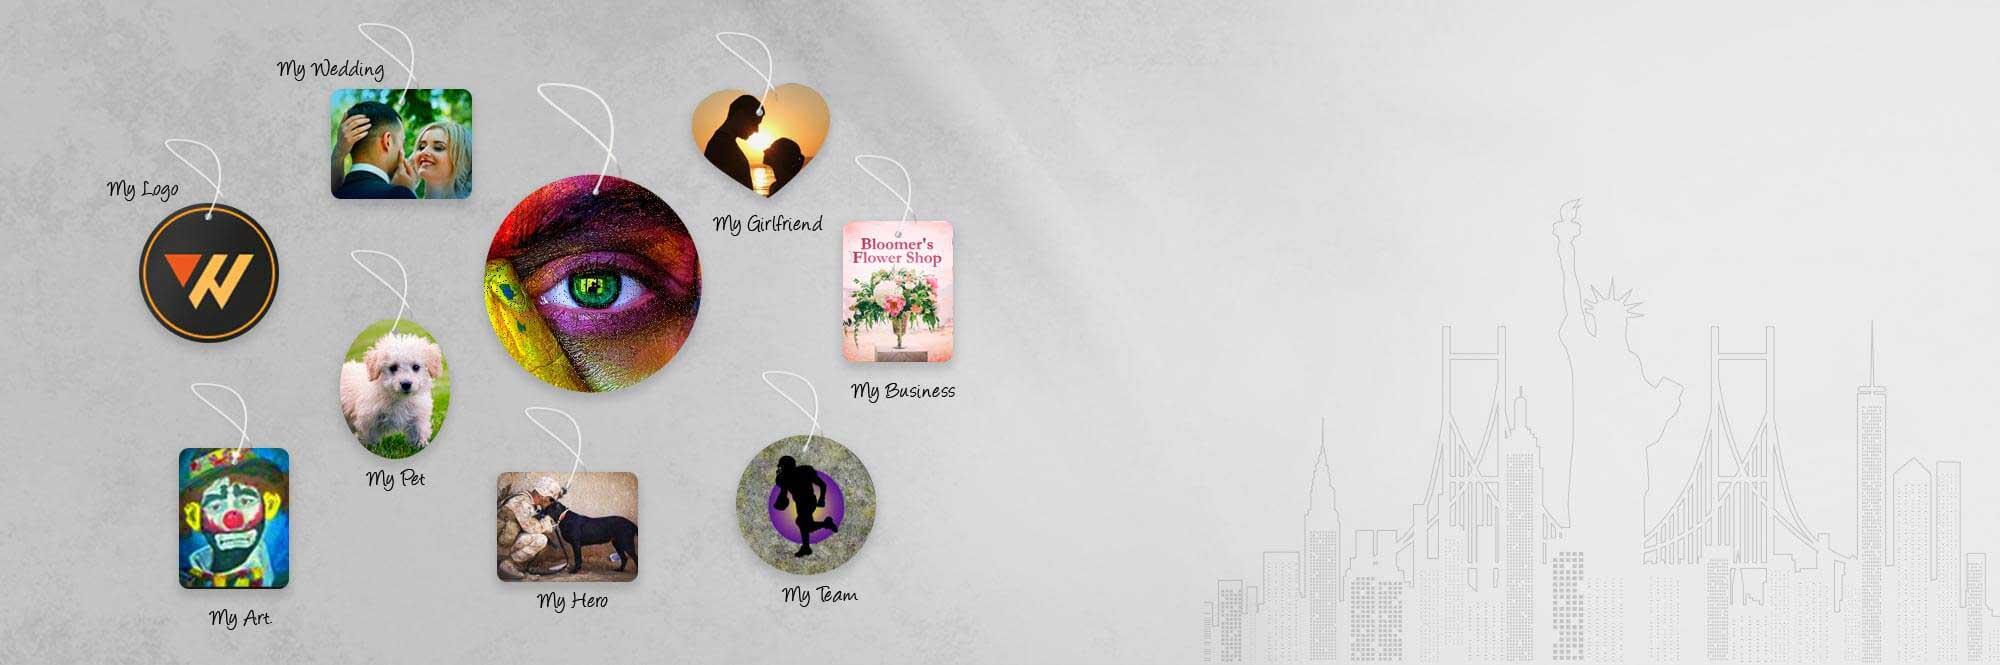 Myairfreshner banner image